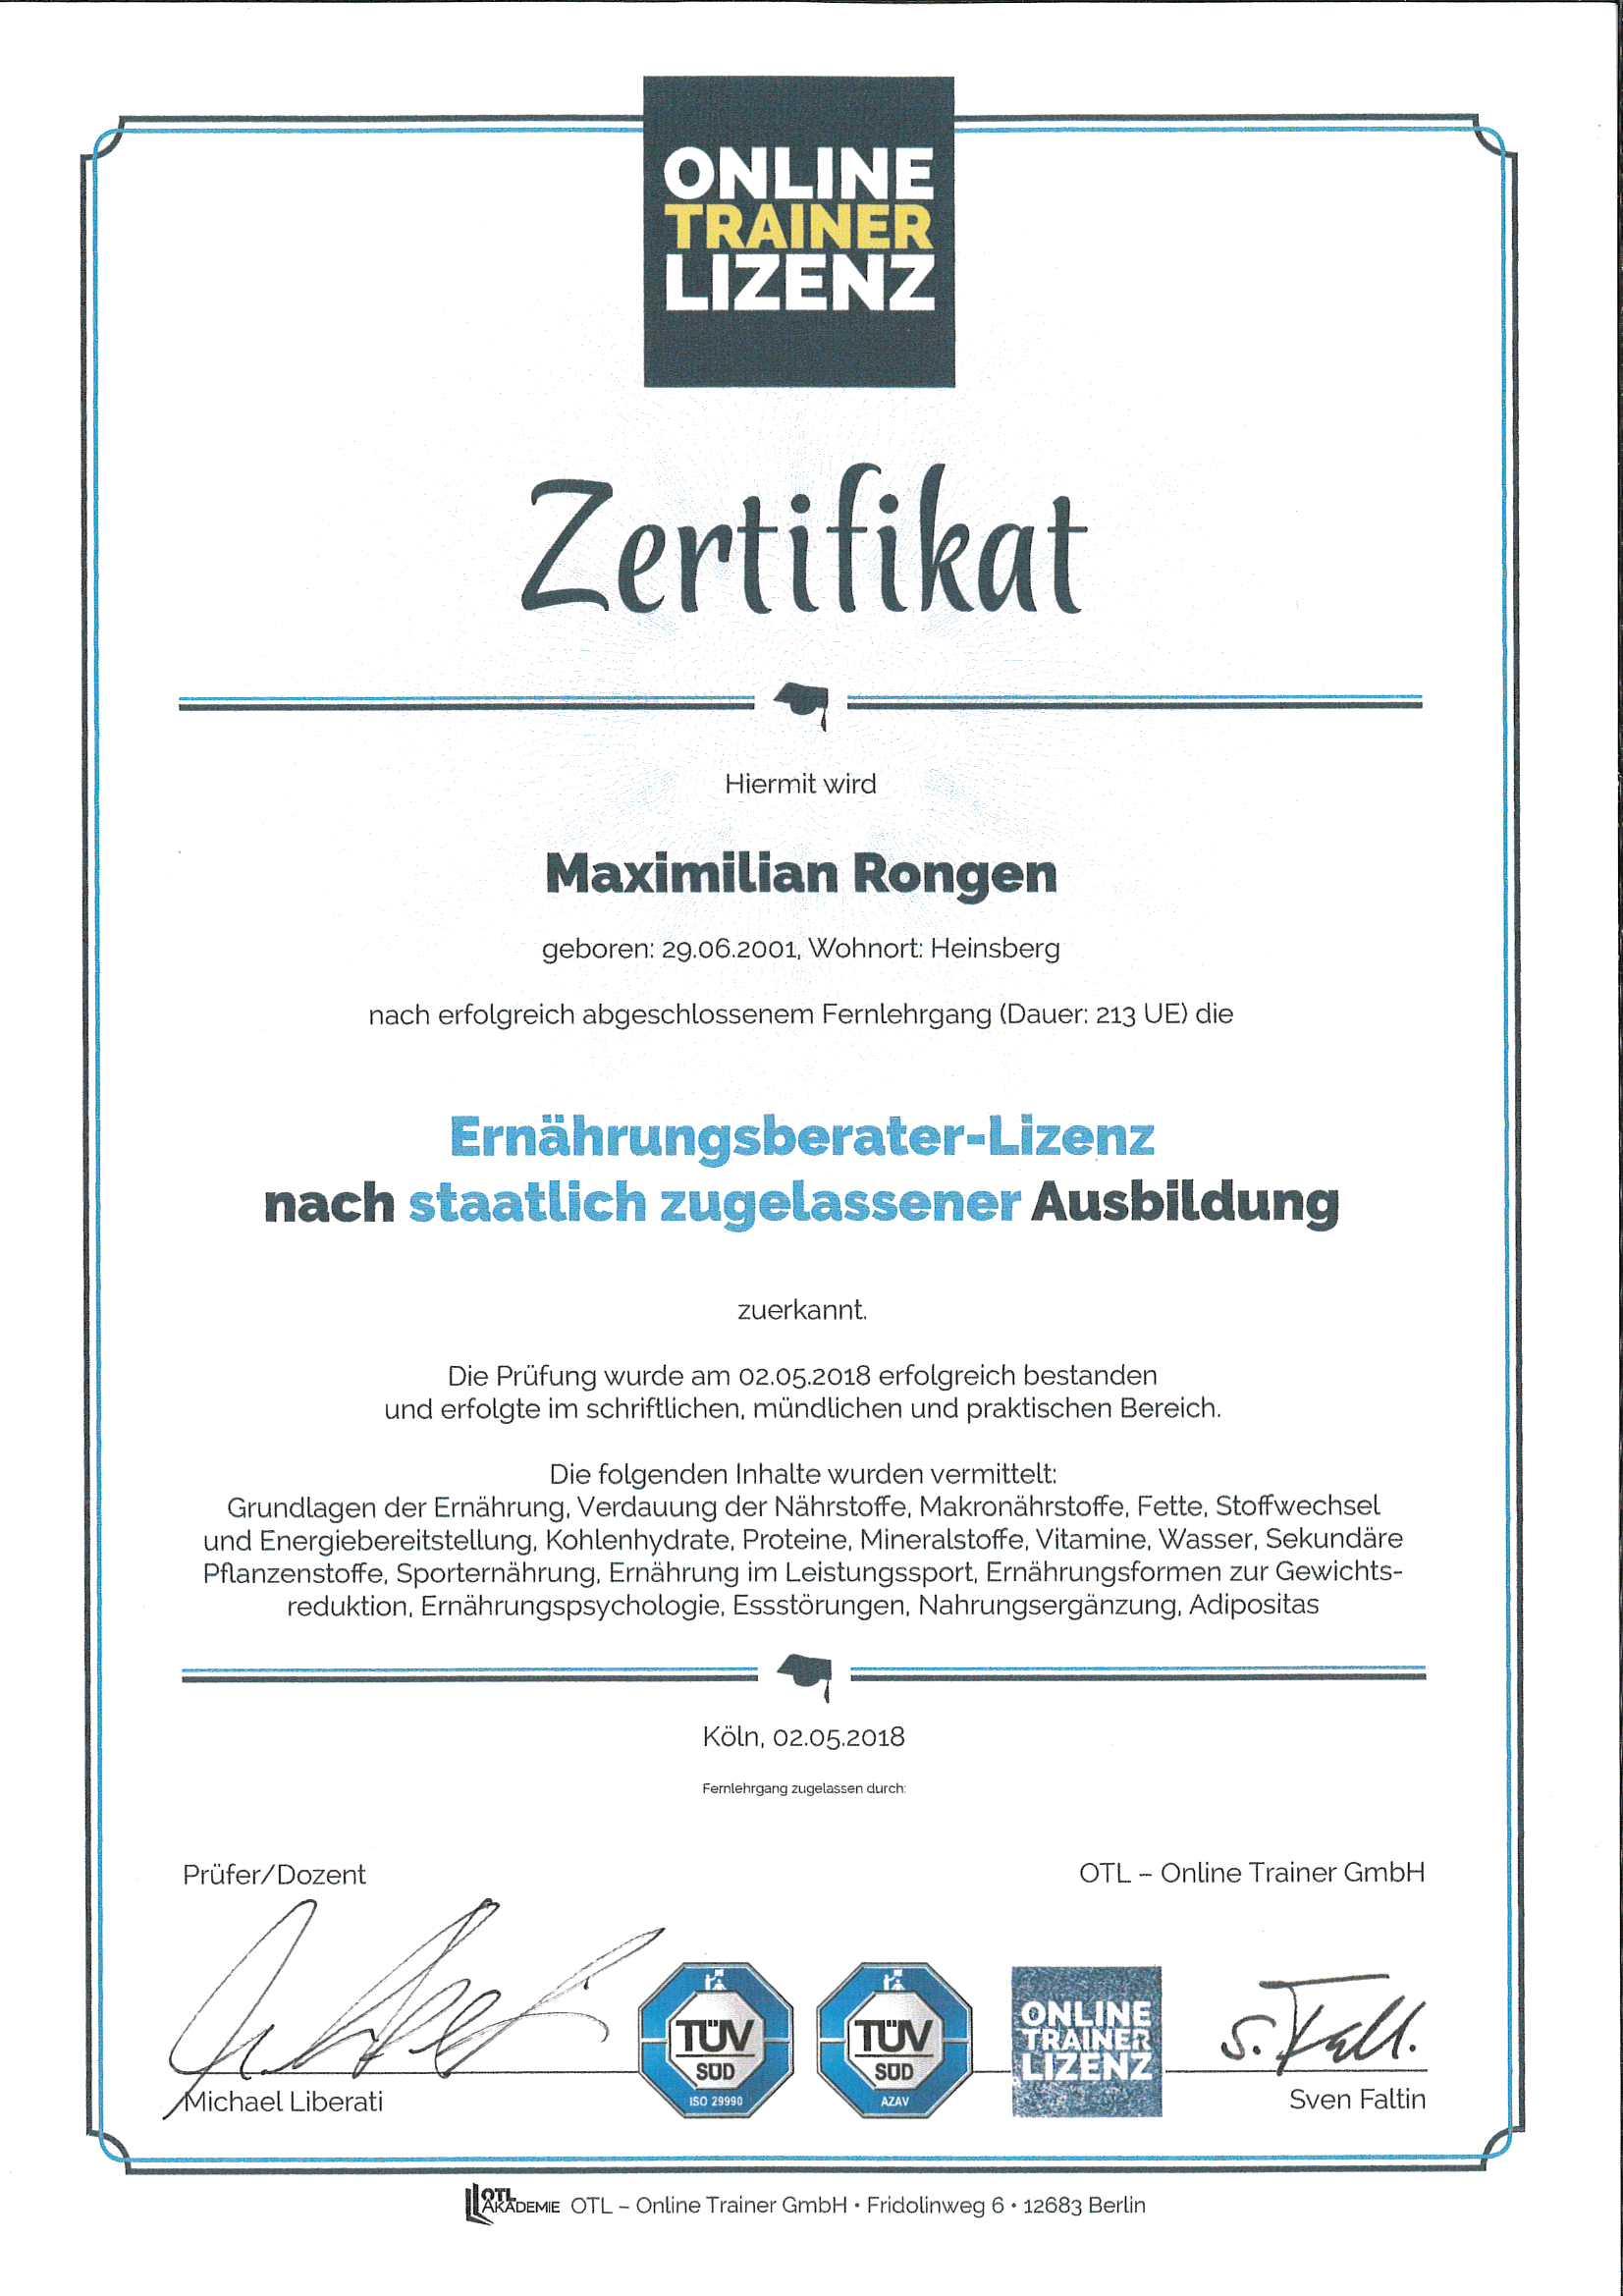 Max Rongen Ernährungsberater-Lizenz